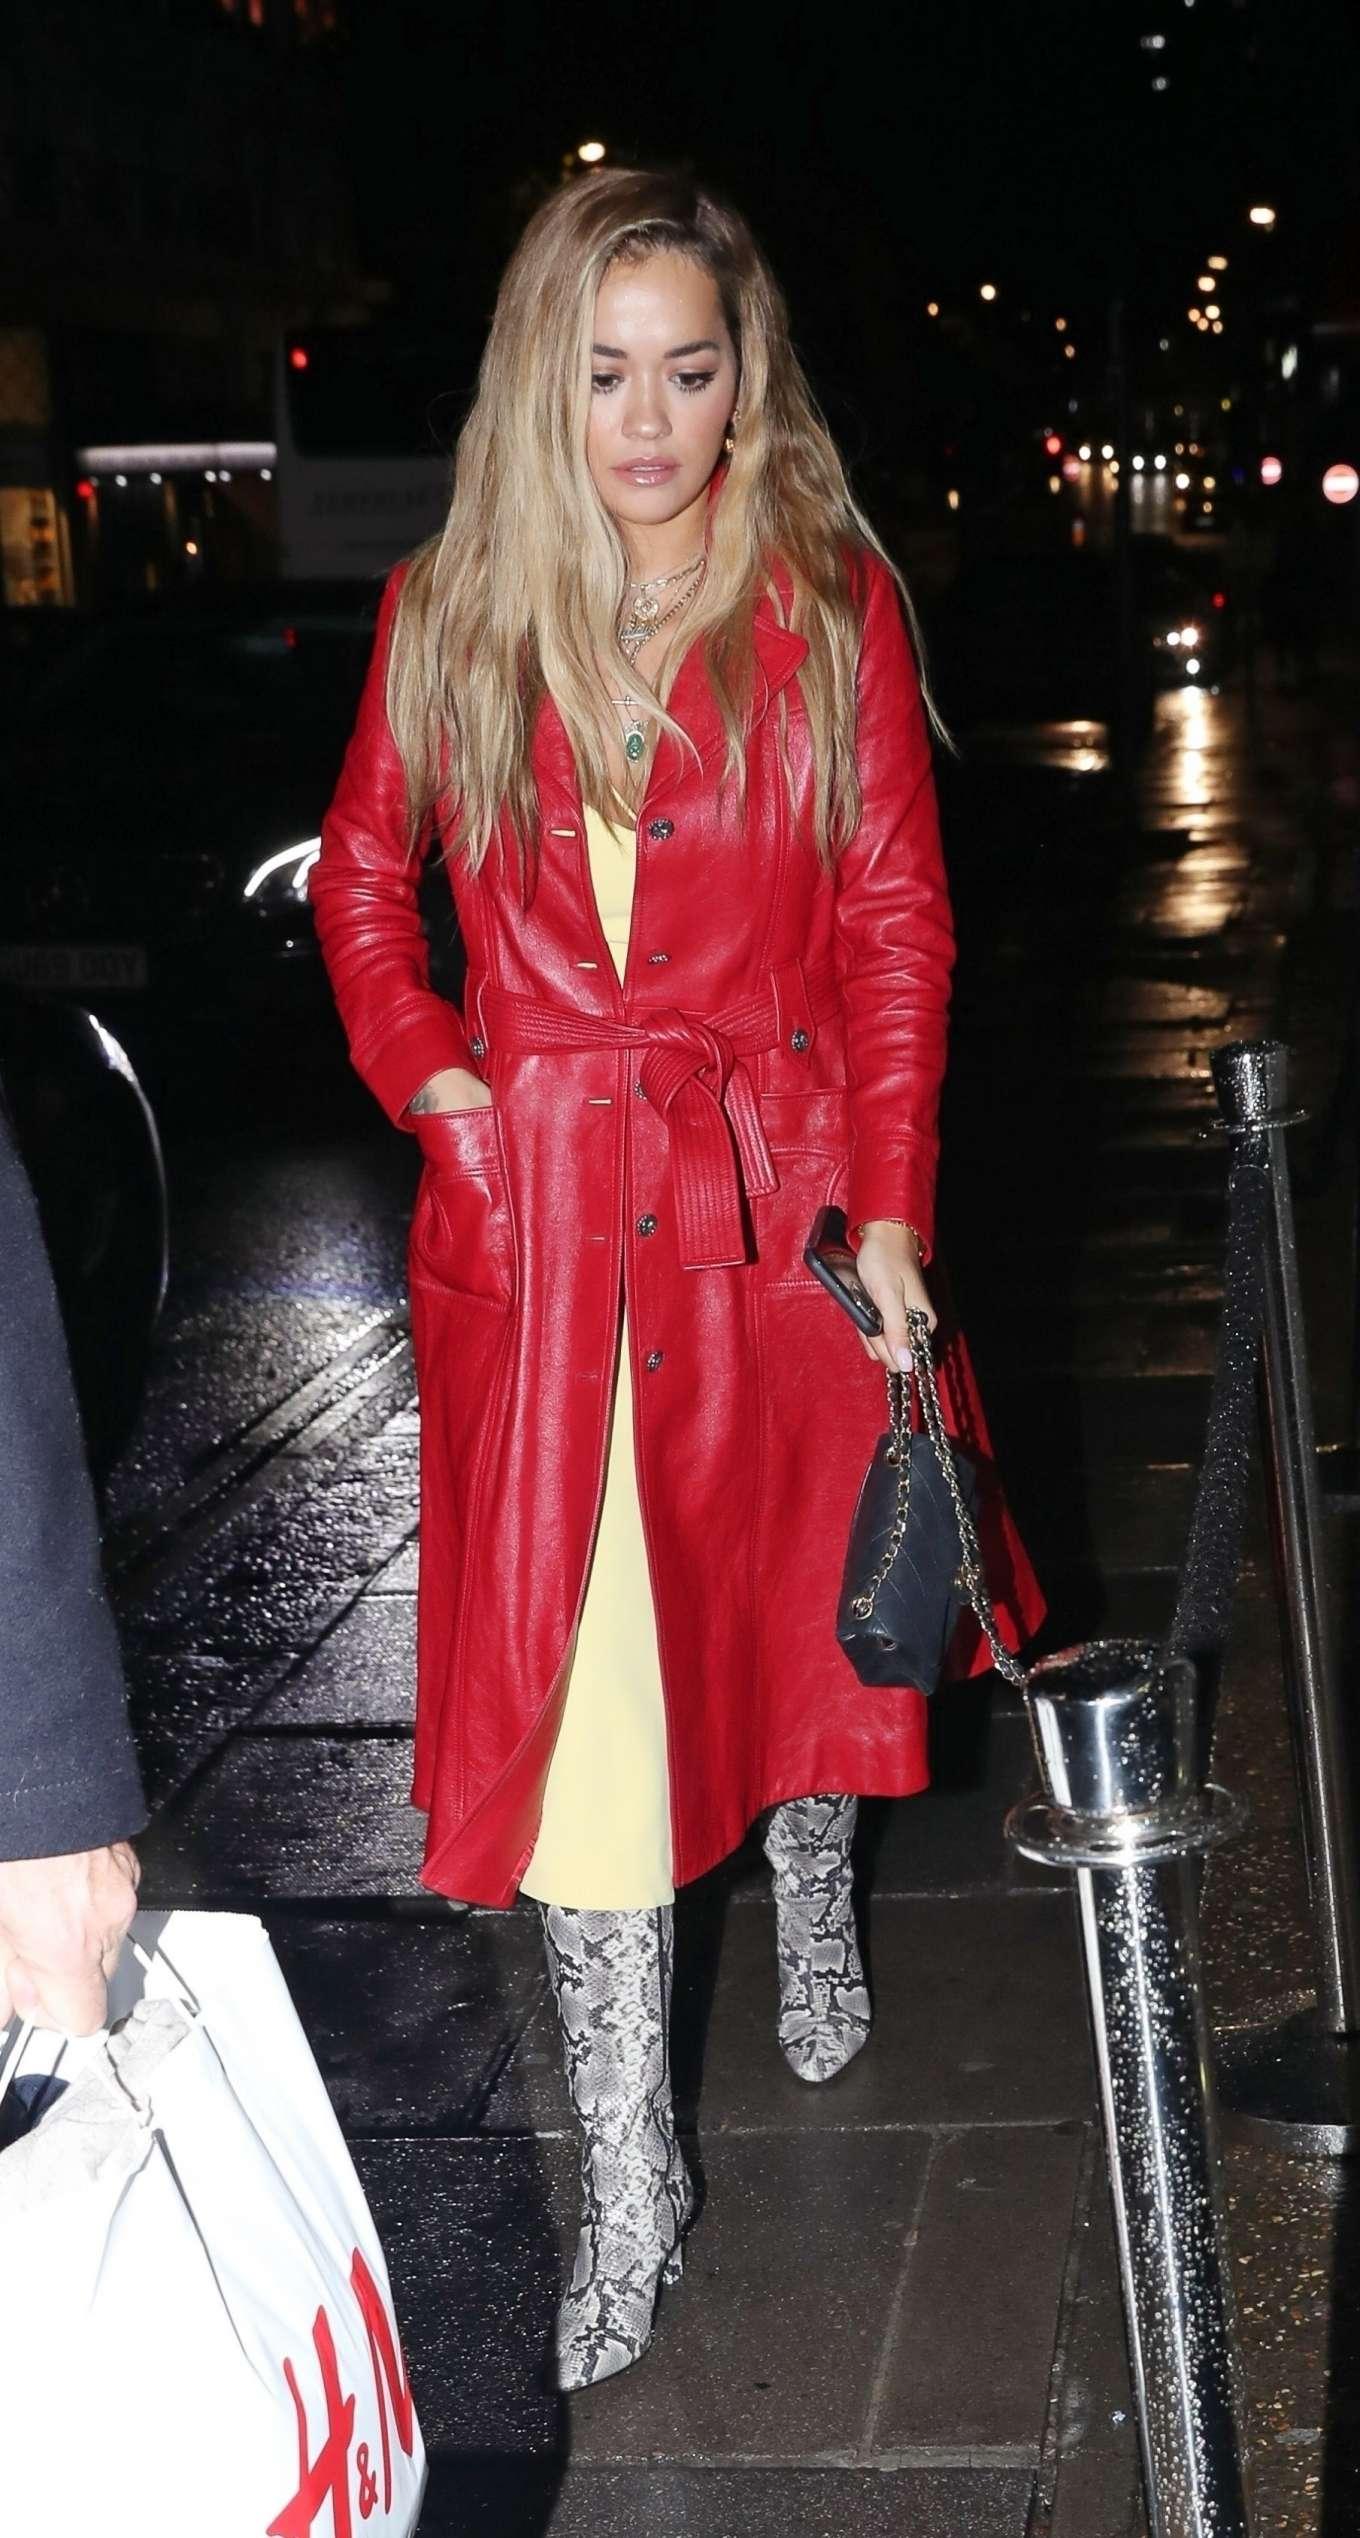 Rita Ora outside NOBU restarant